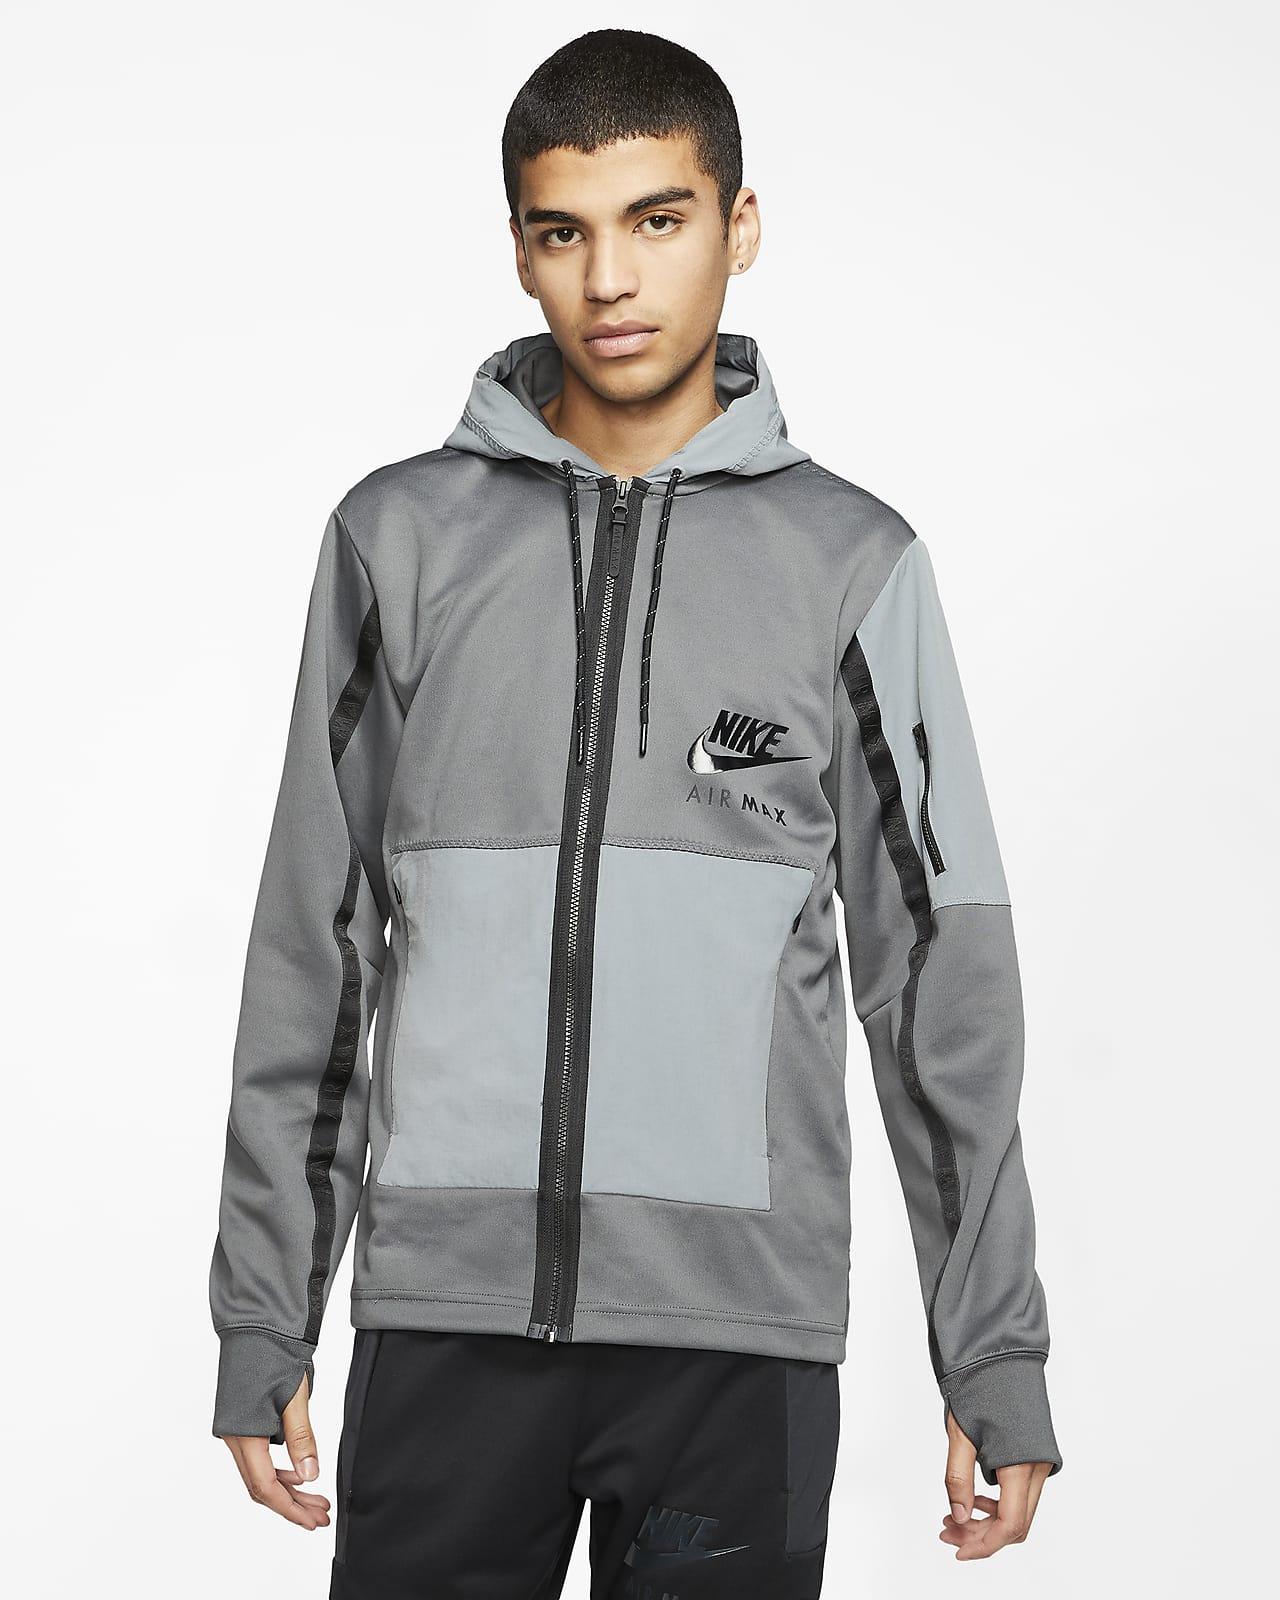 Nike Sportswear Air Max Men's Full Zip Hoodie